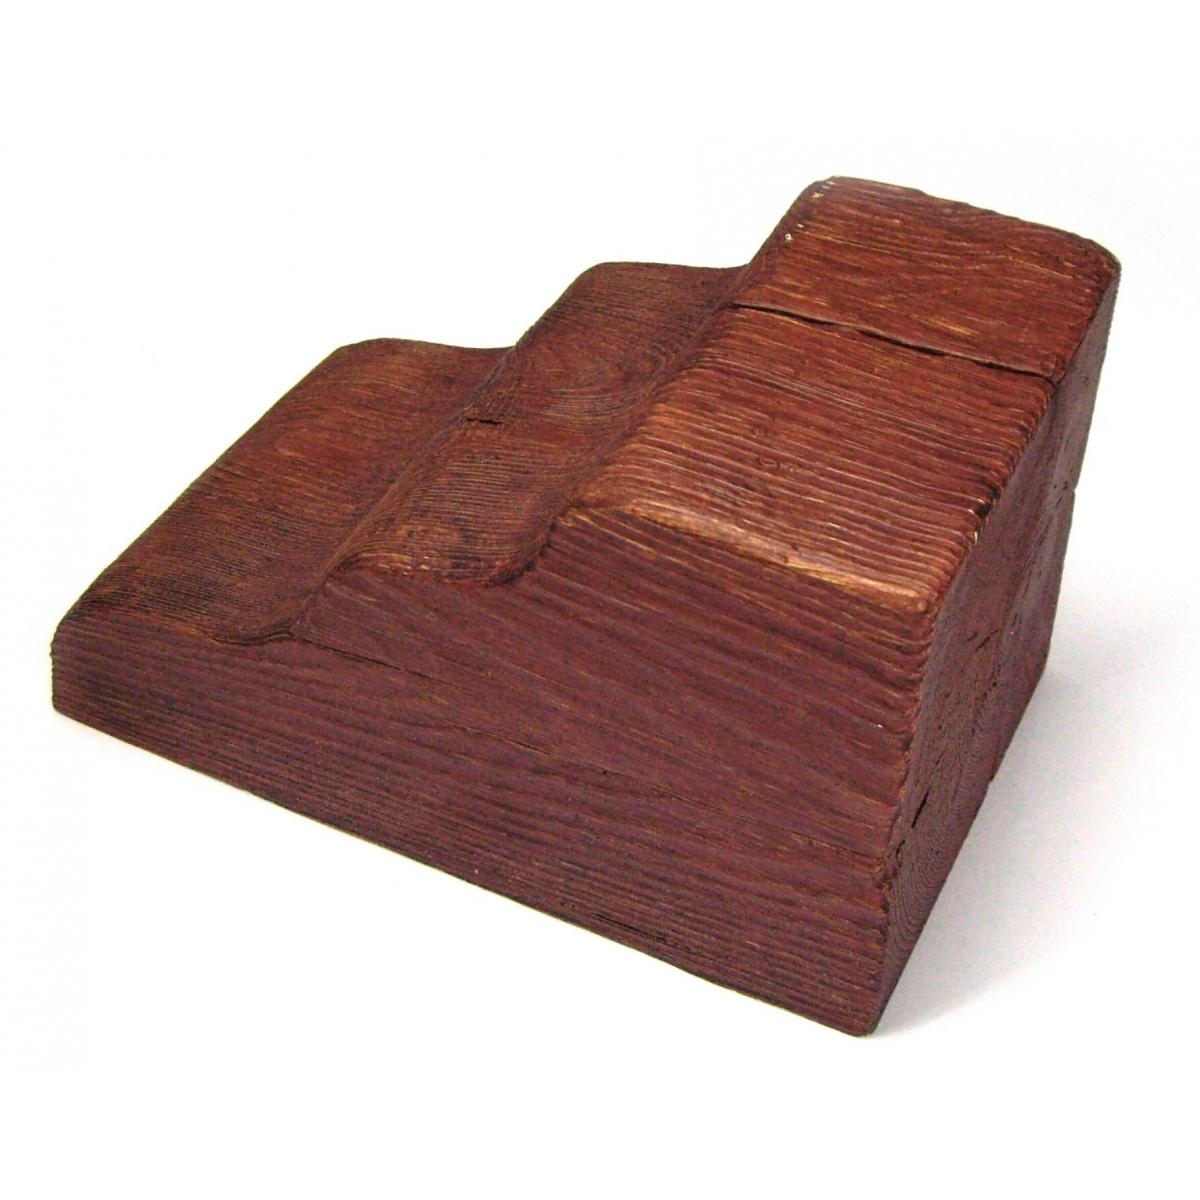 Ménsula MN18 - Ménsulas imitación madera de poliuretano - Marca Grupo Unamacor